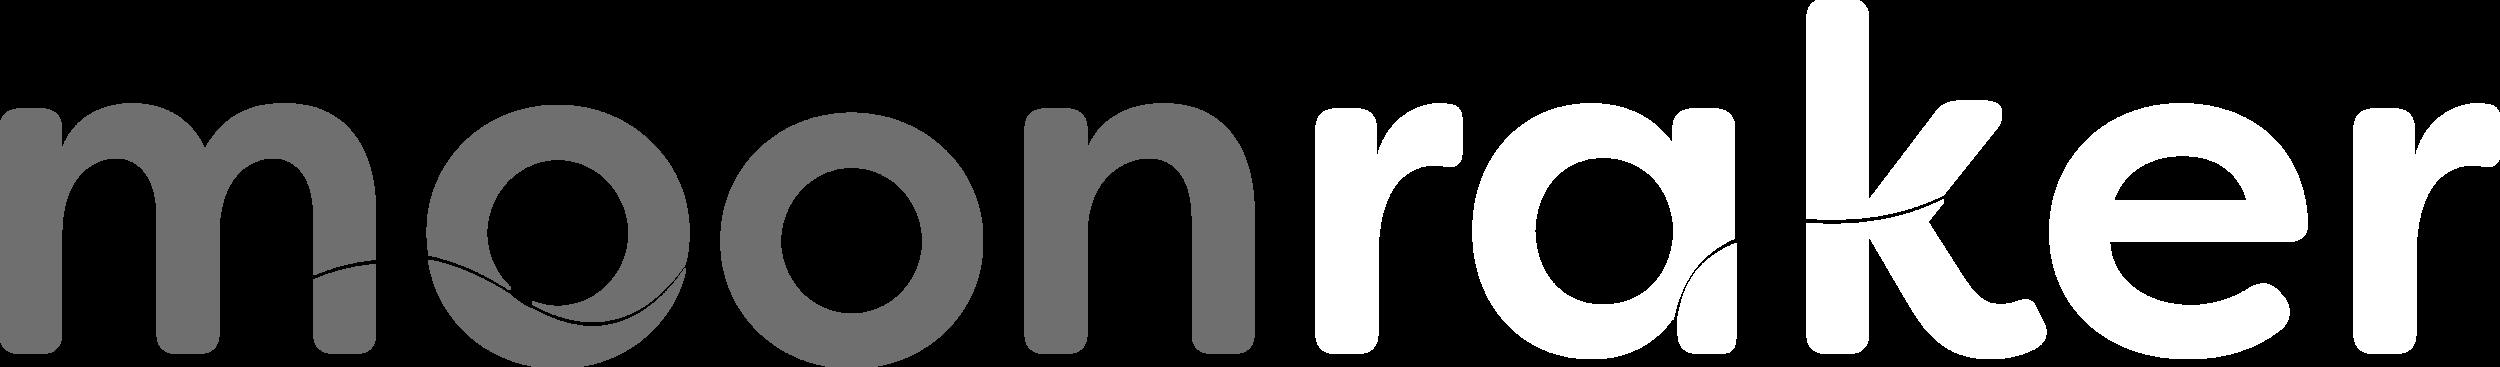 https://sonya-devi-h6d3.squarespace.com/config/pages